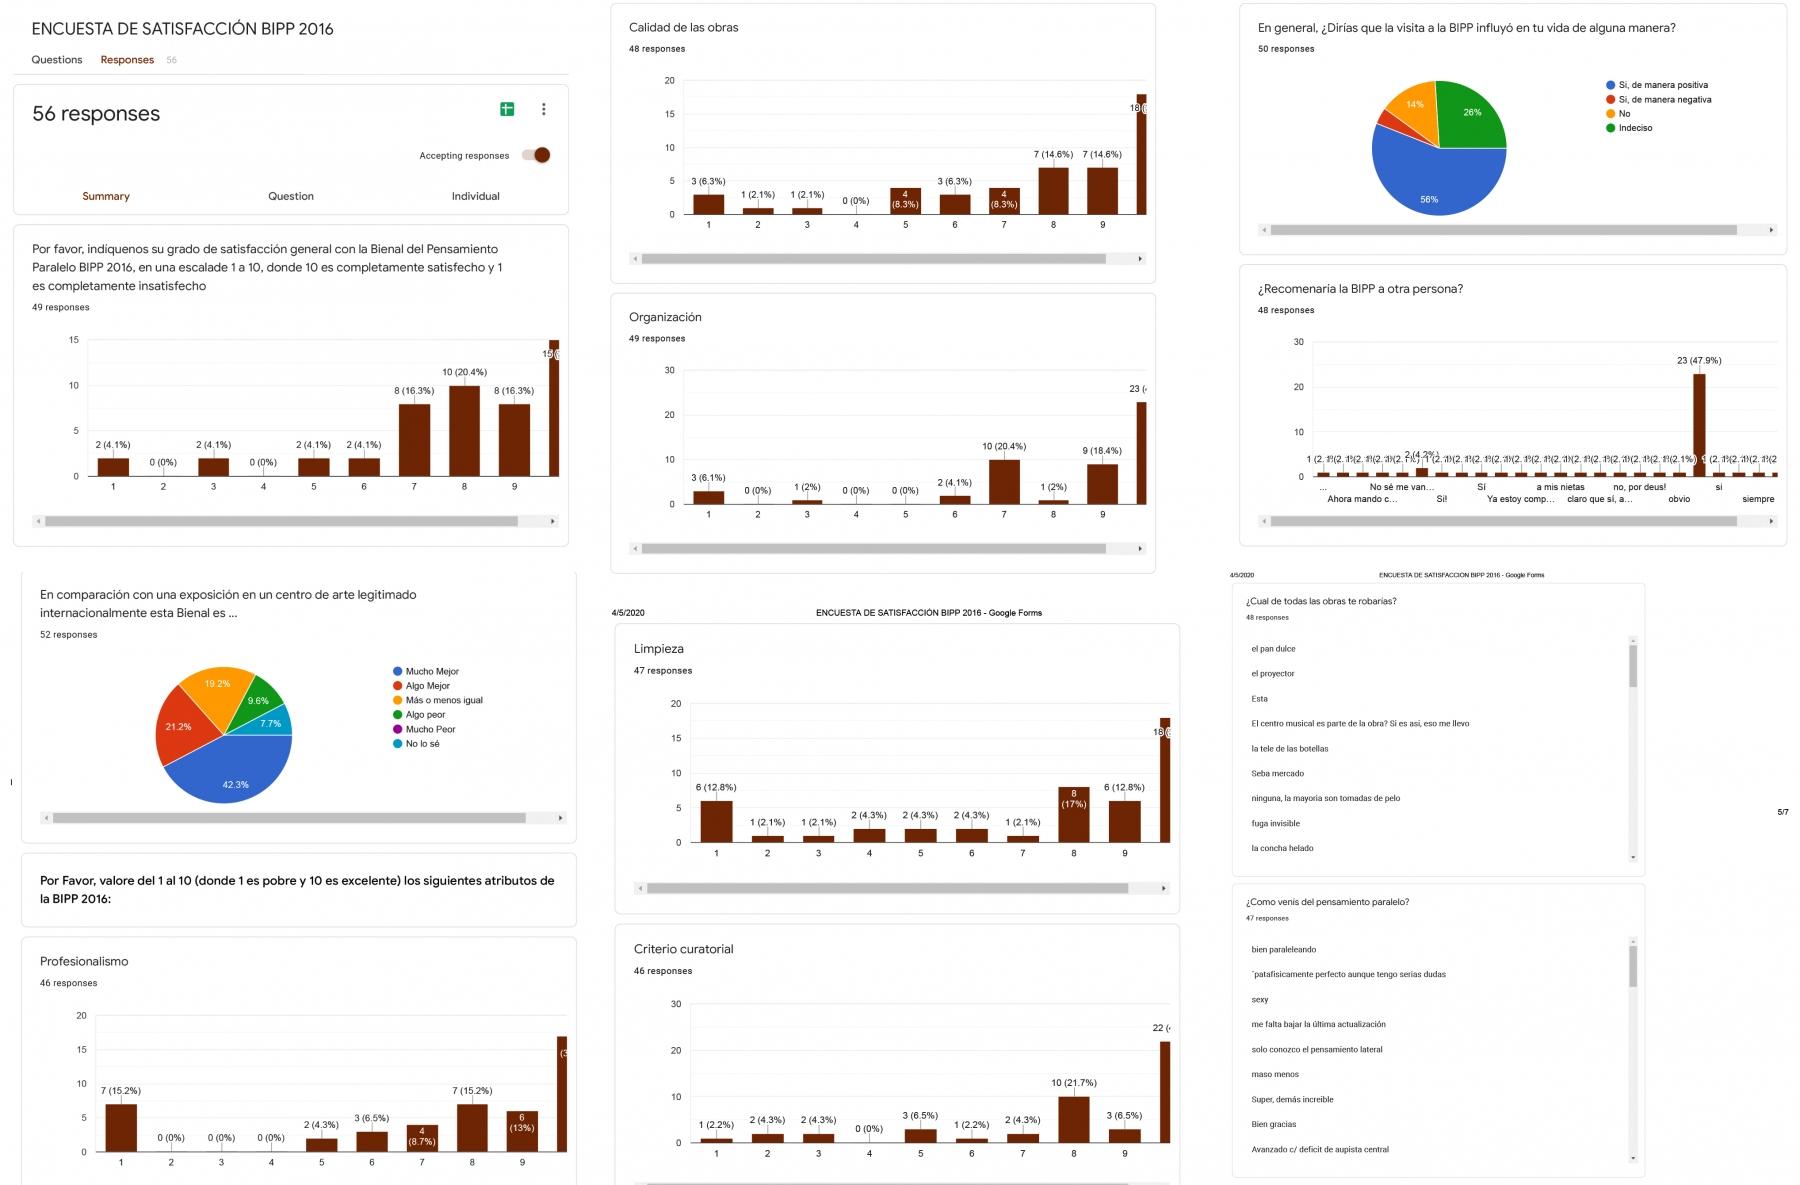 ENCUESTA-DE-SATISFACCIÓN-BIPP-2016-Google-Forms-2